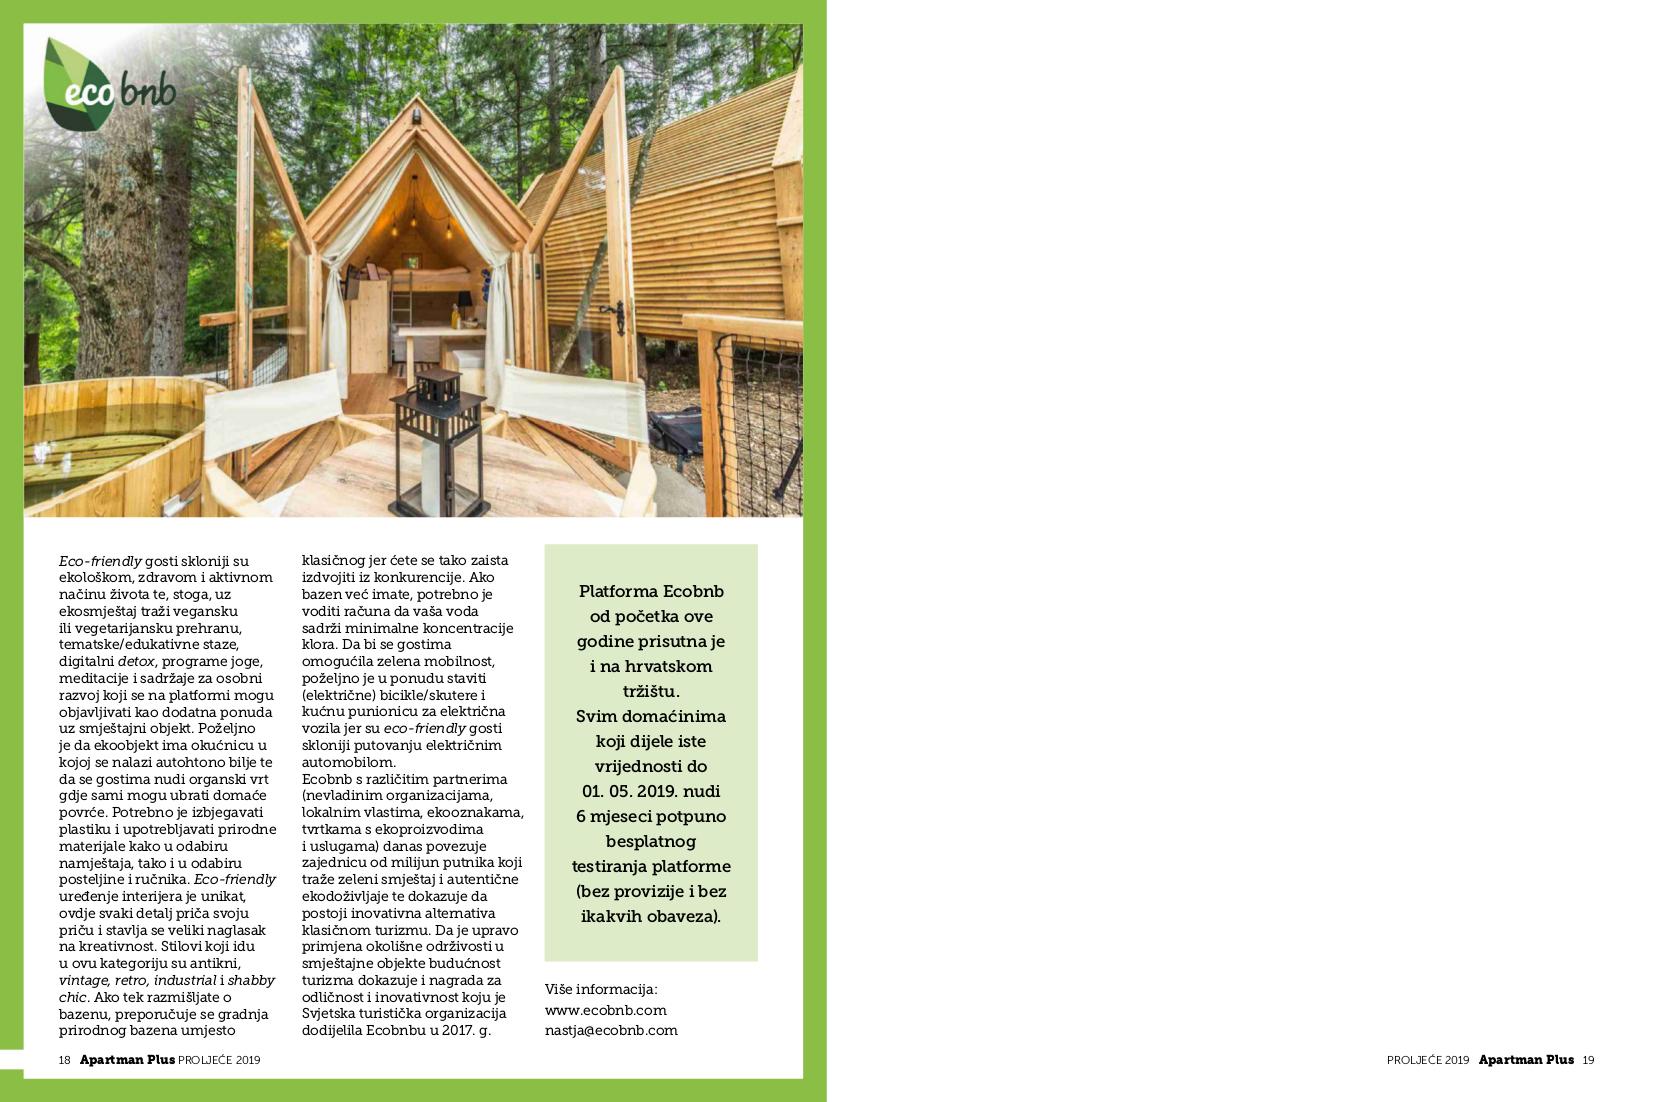 Articolo dedicato ad Ecobnb, pubblicato sulla rivista croata Apartman Plus